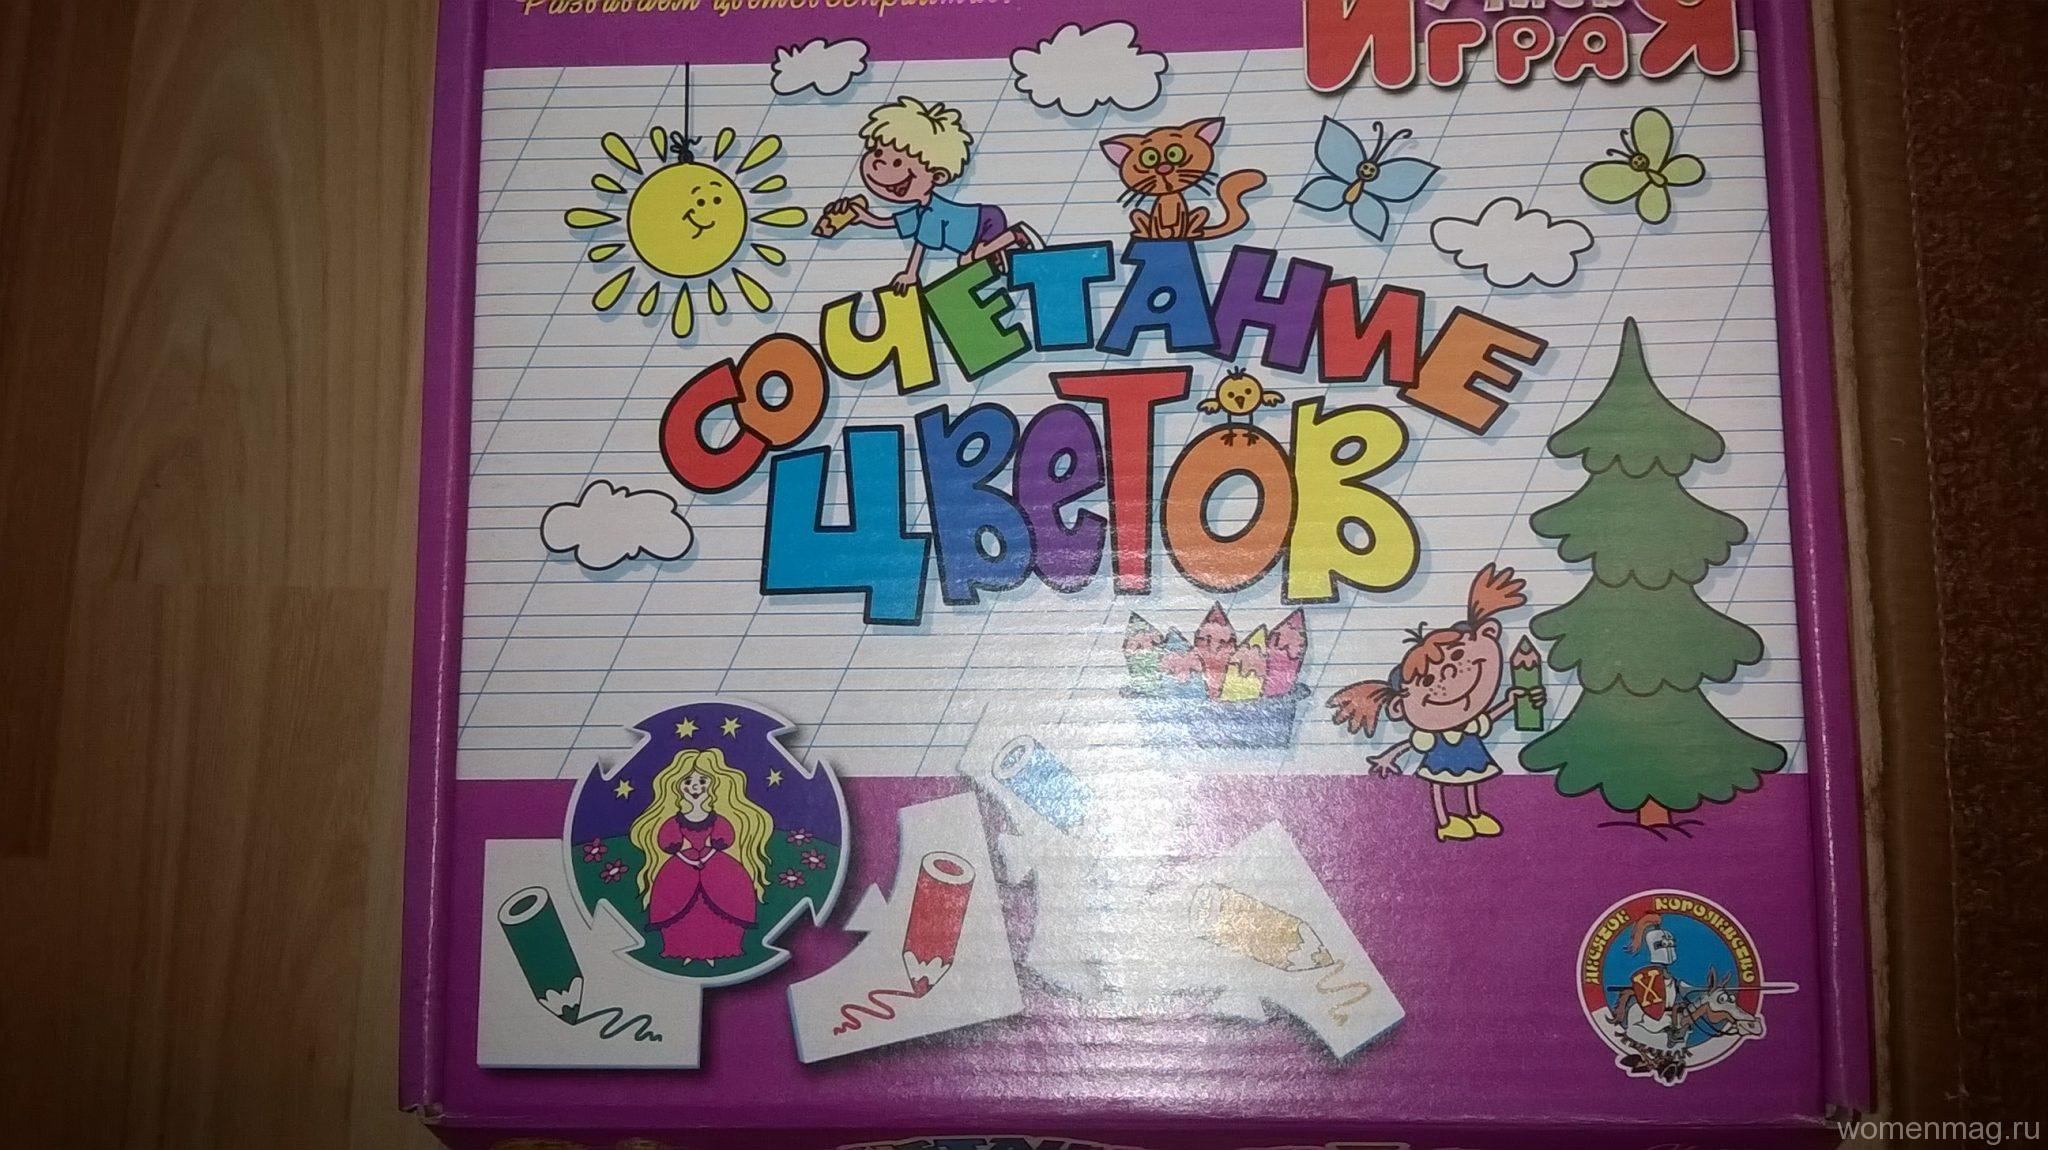 Обзор развивающей игры для детей от 3-х лет «Сочетание цветов» («Учись, играя!»). Отзыв